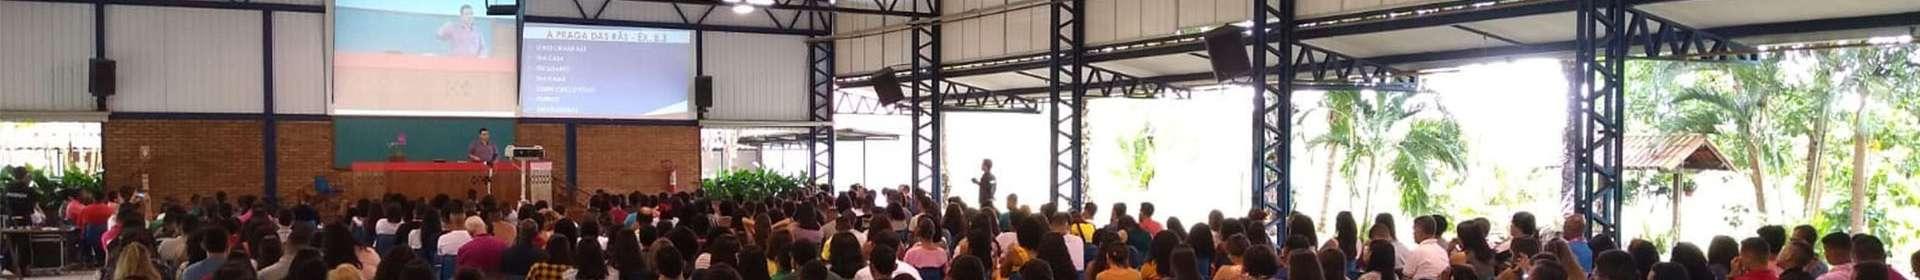 Os jovens e o momento profético atual: seminário em Ilhéus, BA, tem enfoque no assunto